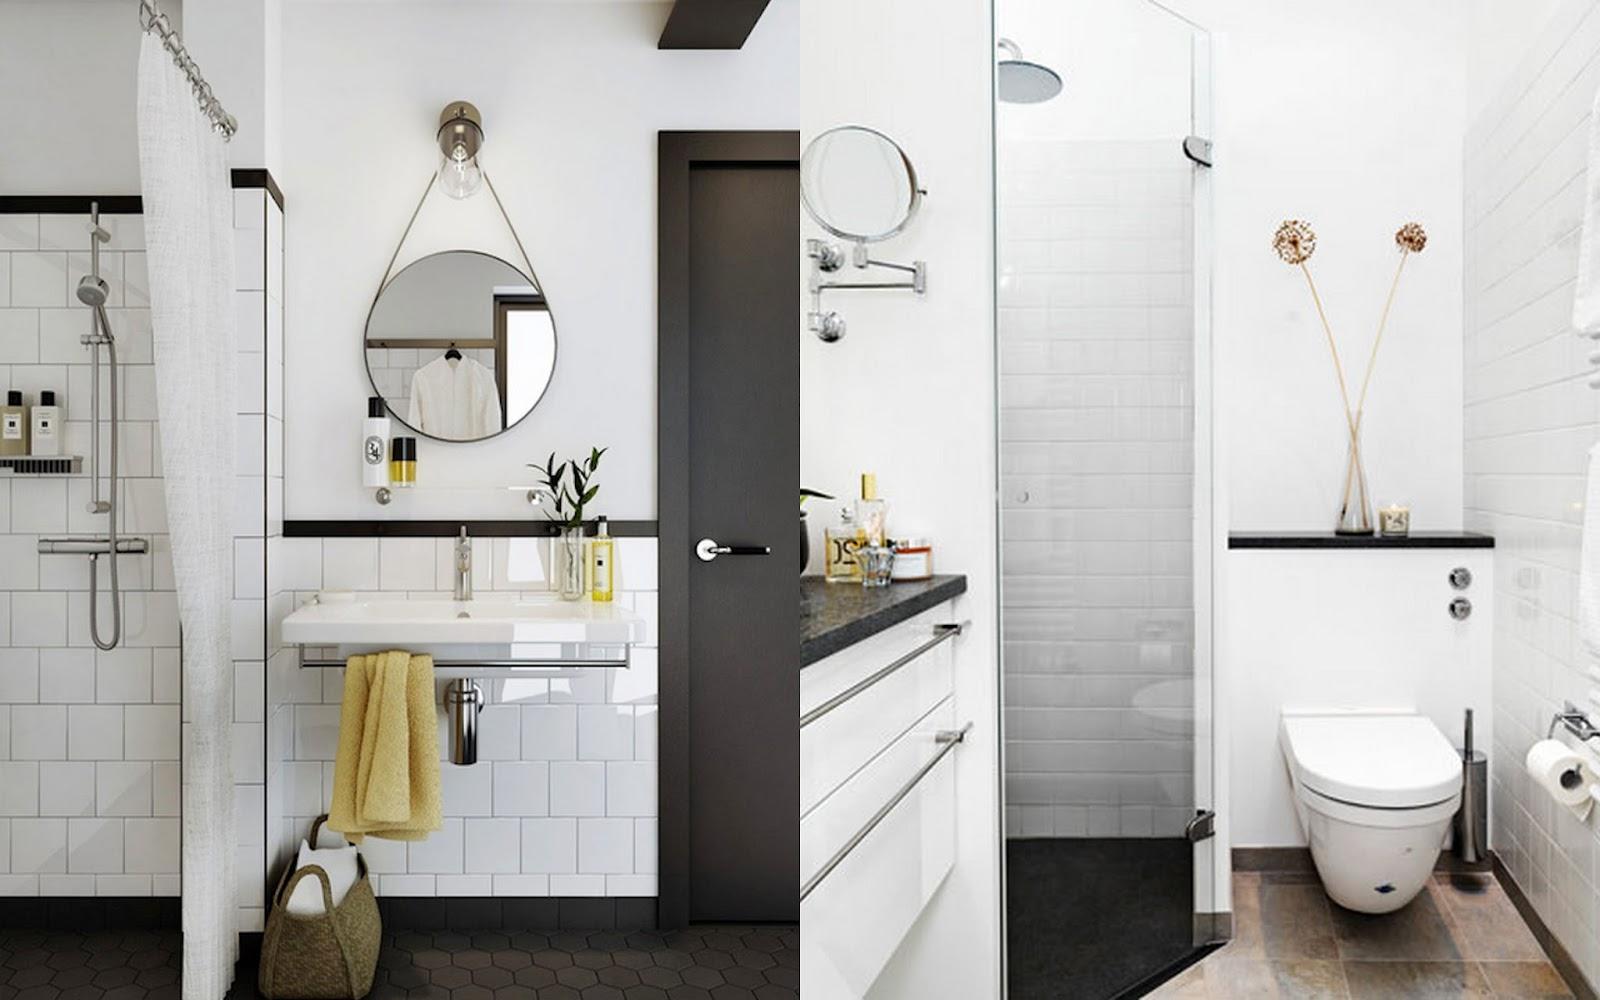 nyt badeværelse inspiration Midt i mellem: Inspiration // Badeværelse nyt badeværelse inspiration